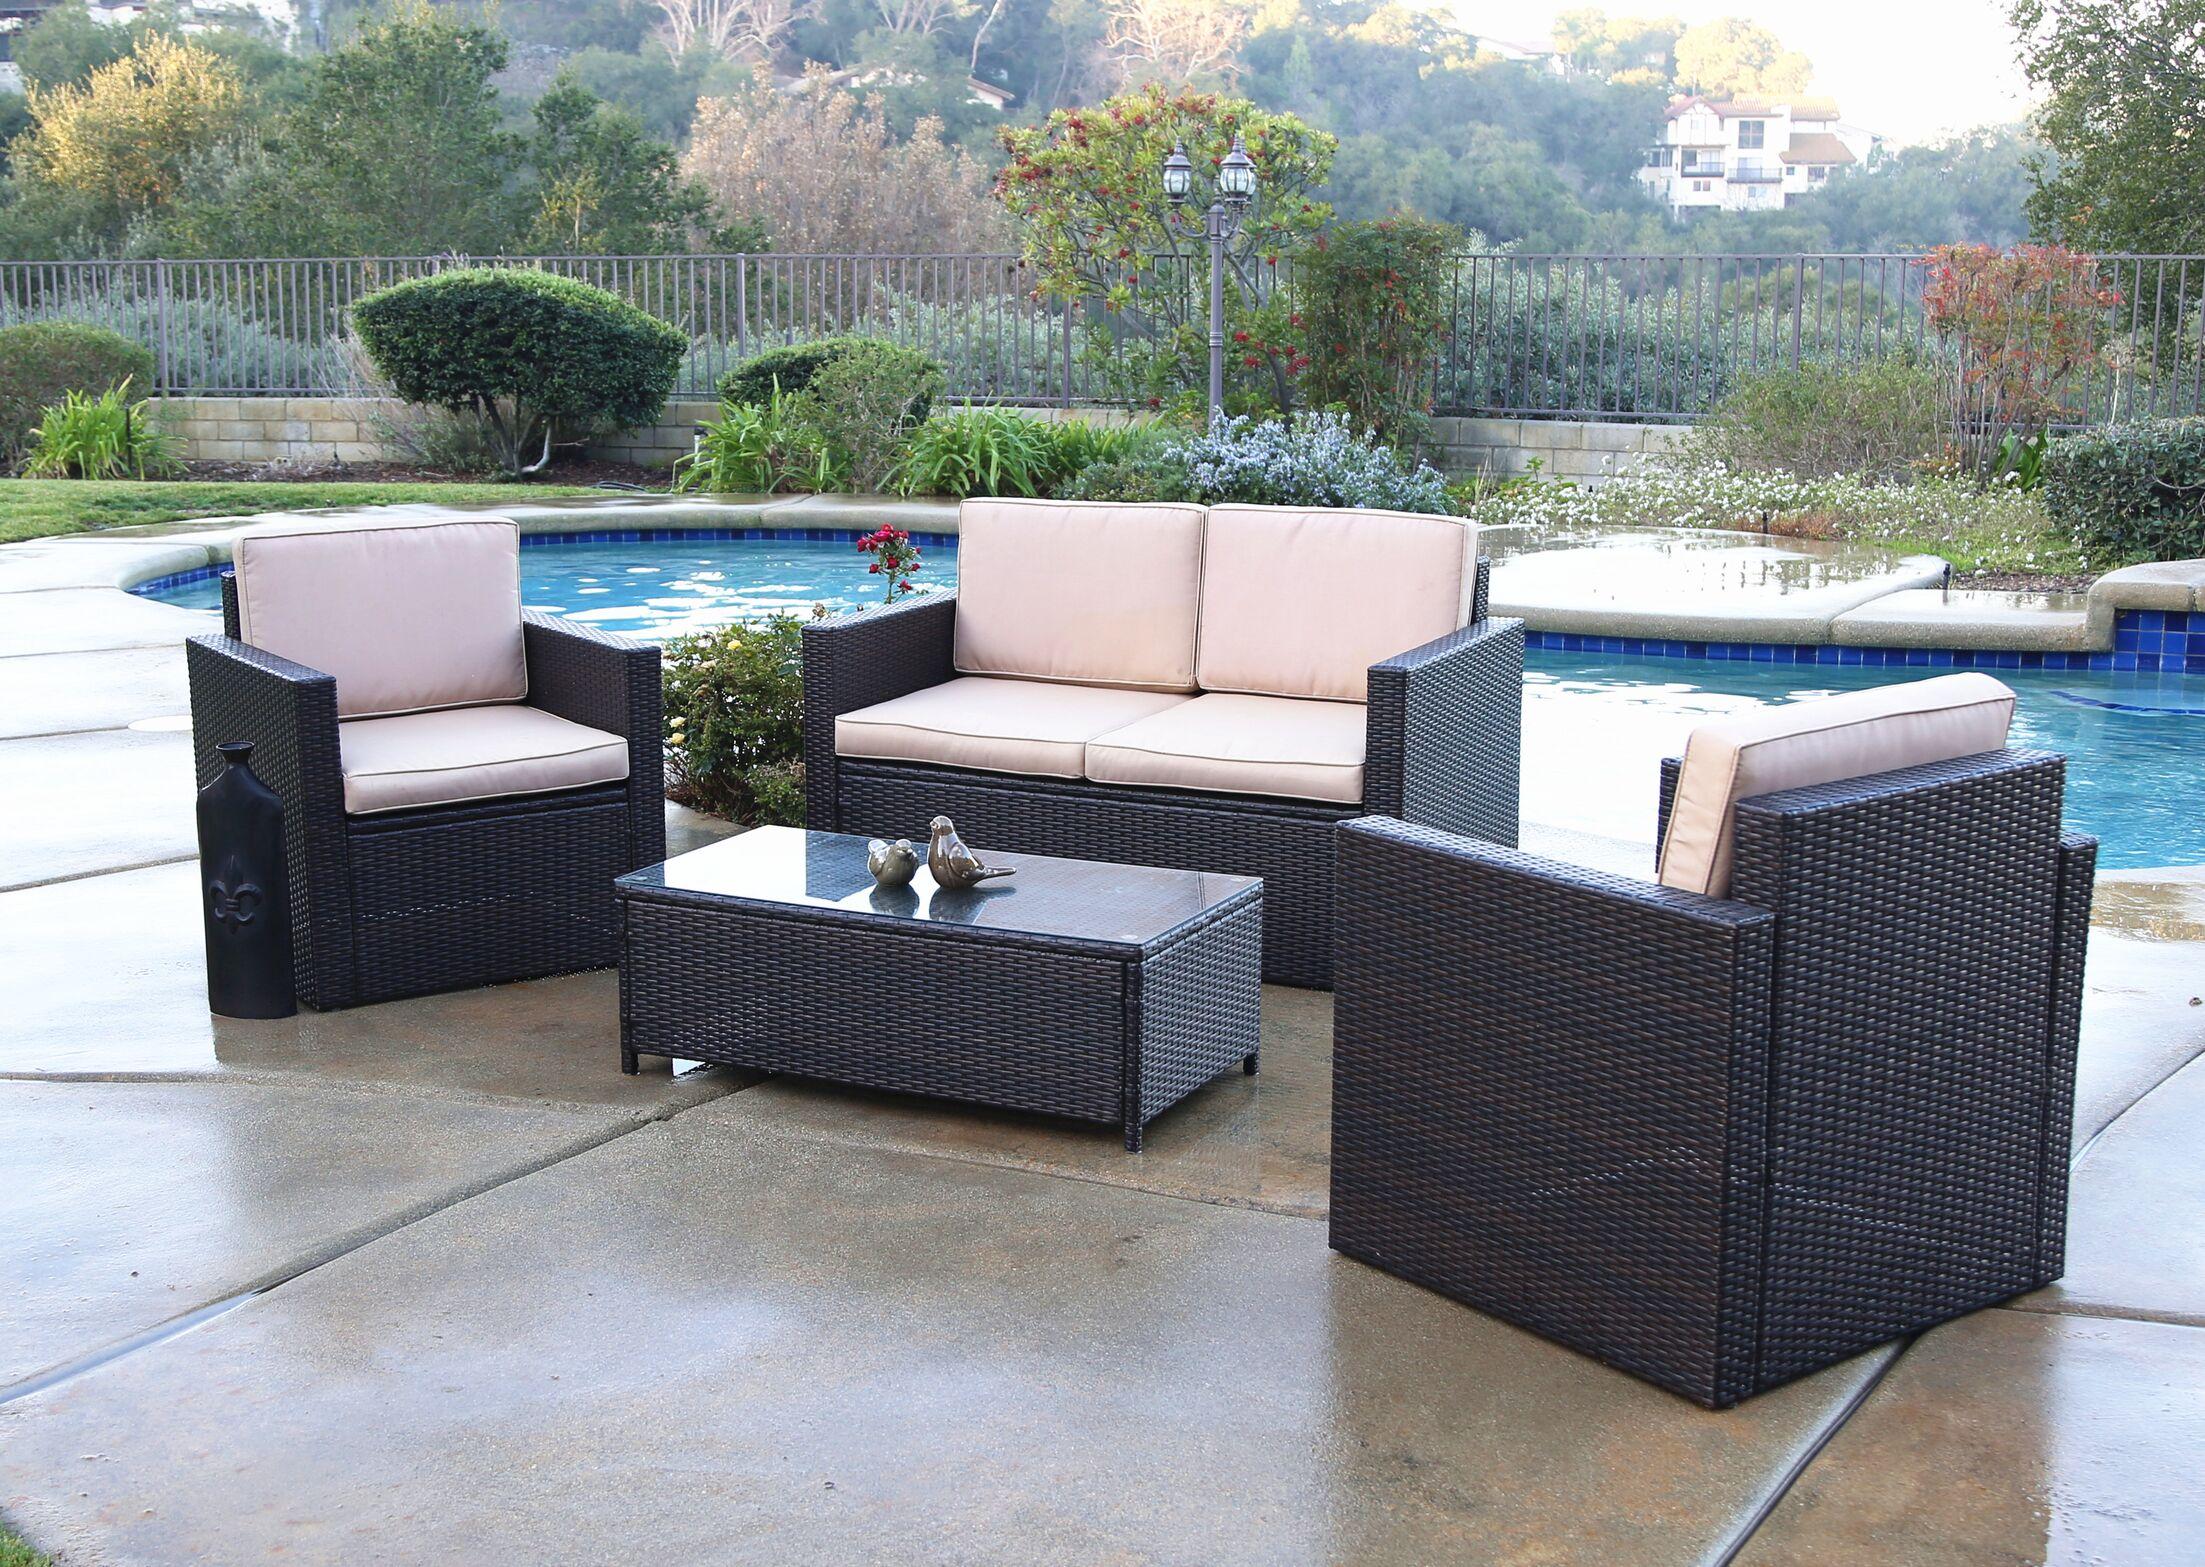 Blazer 4 Piece Sofa Set with Cushions